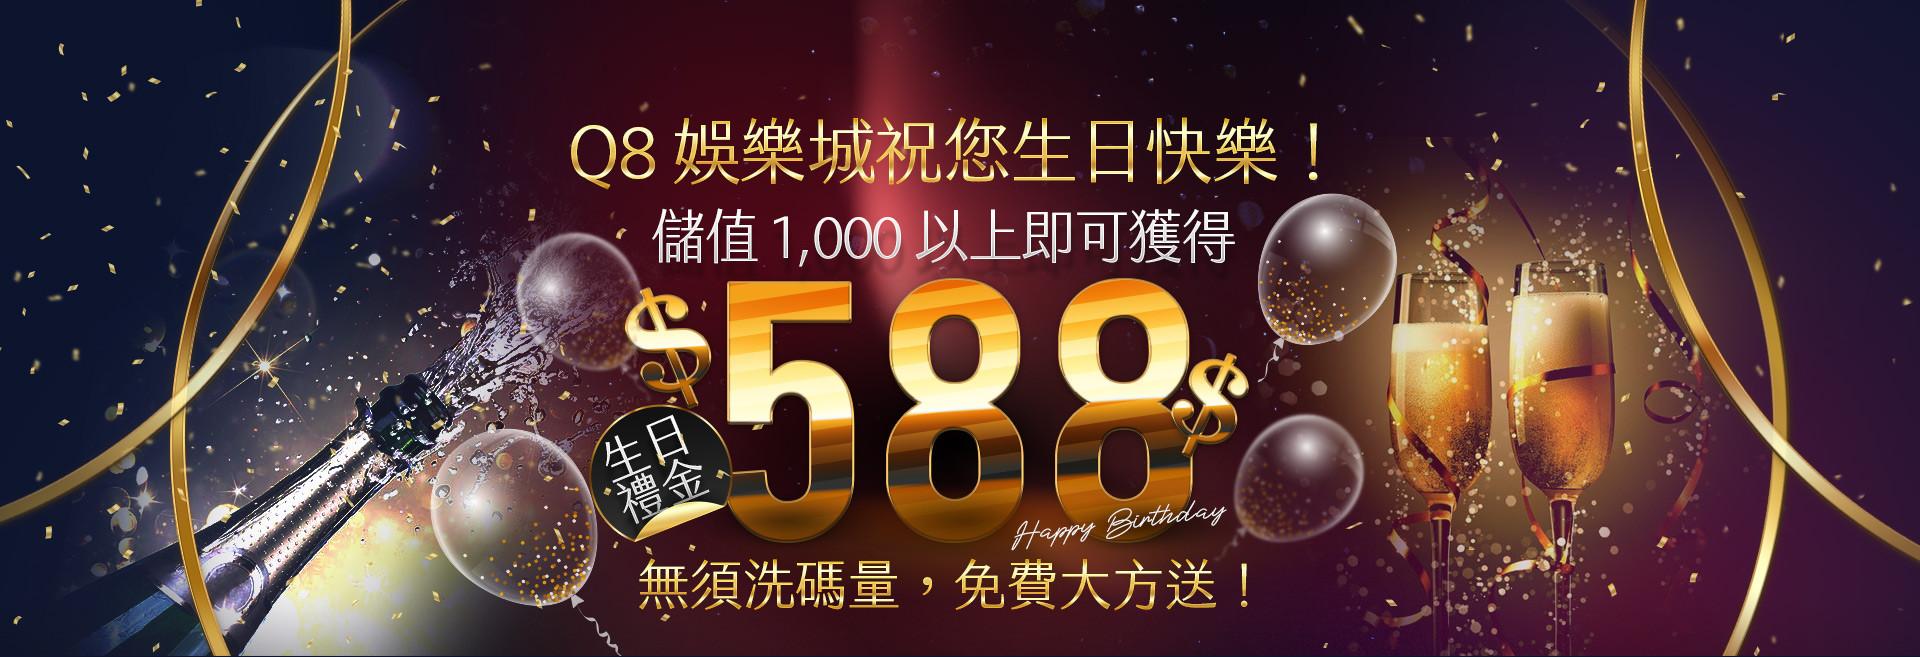 【娛樂城優惠】Q8娛樂城祝您生日快樂!